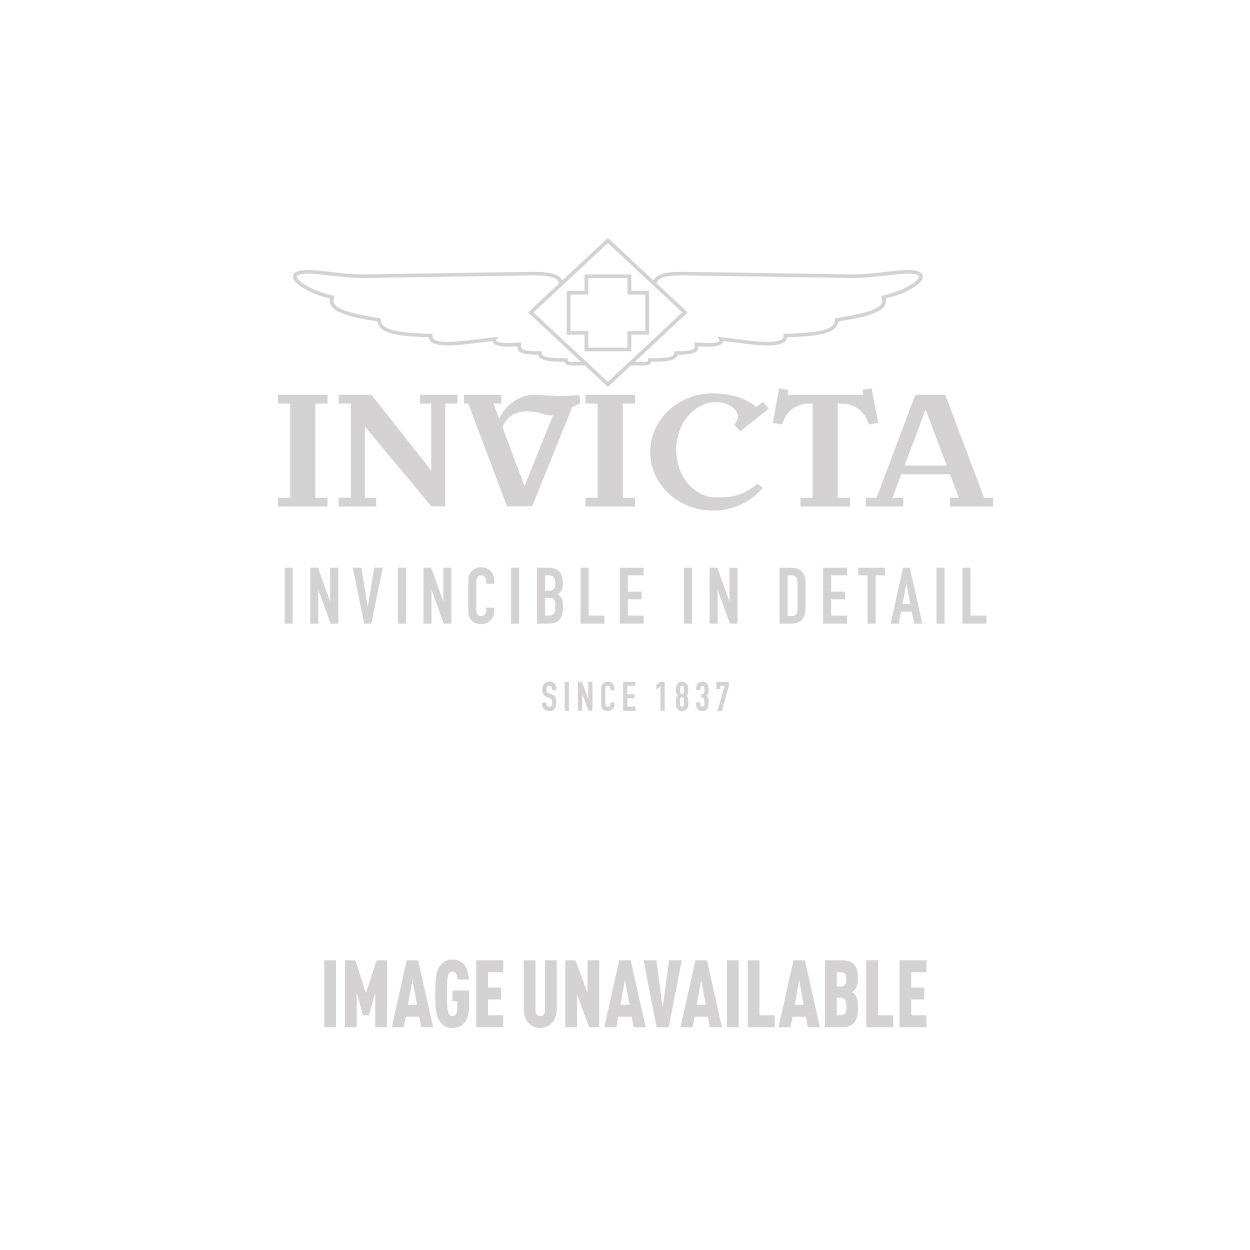 Invicta Model 27642